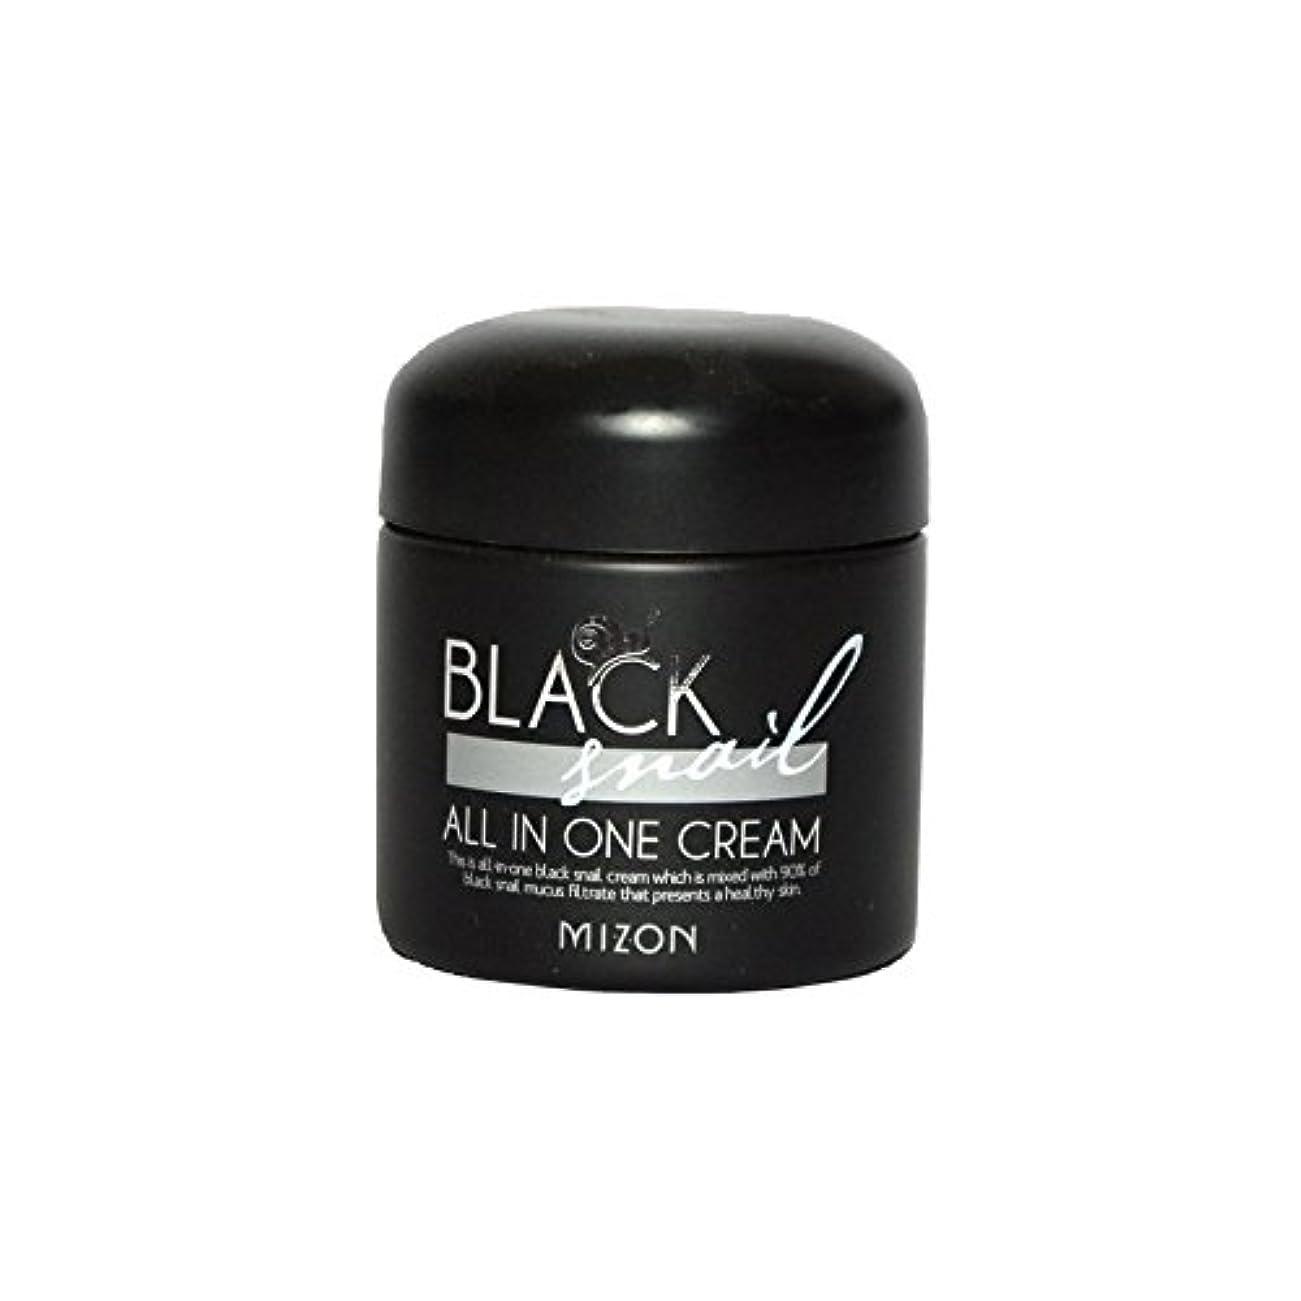 文明化する原点資料Mizon Black Snail All in One Cream - 黒カタツムリオールインワンクリーム [並行輸入品]